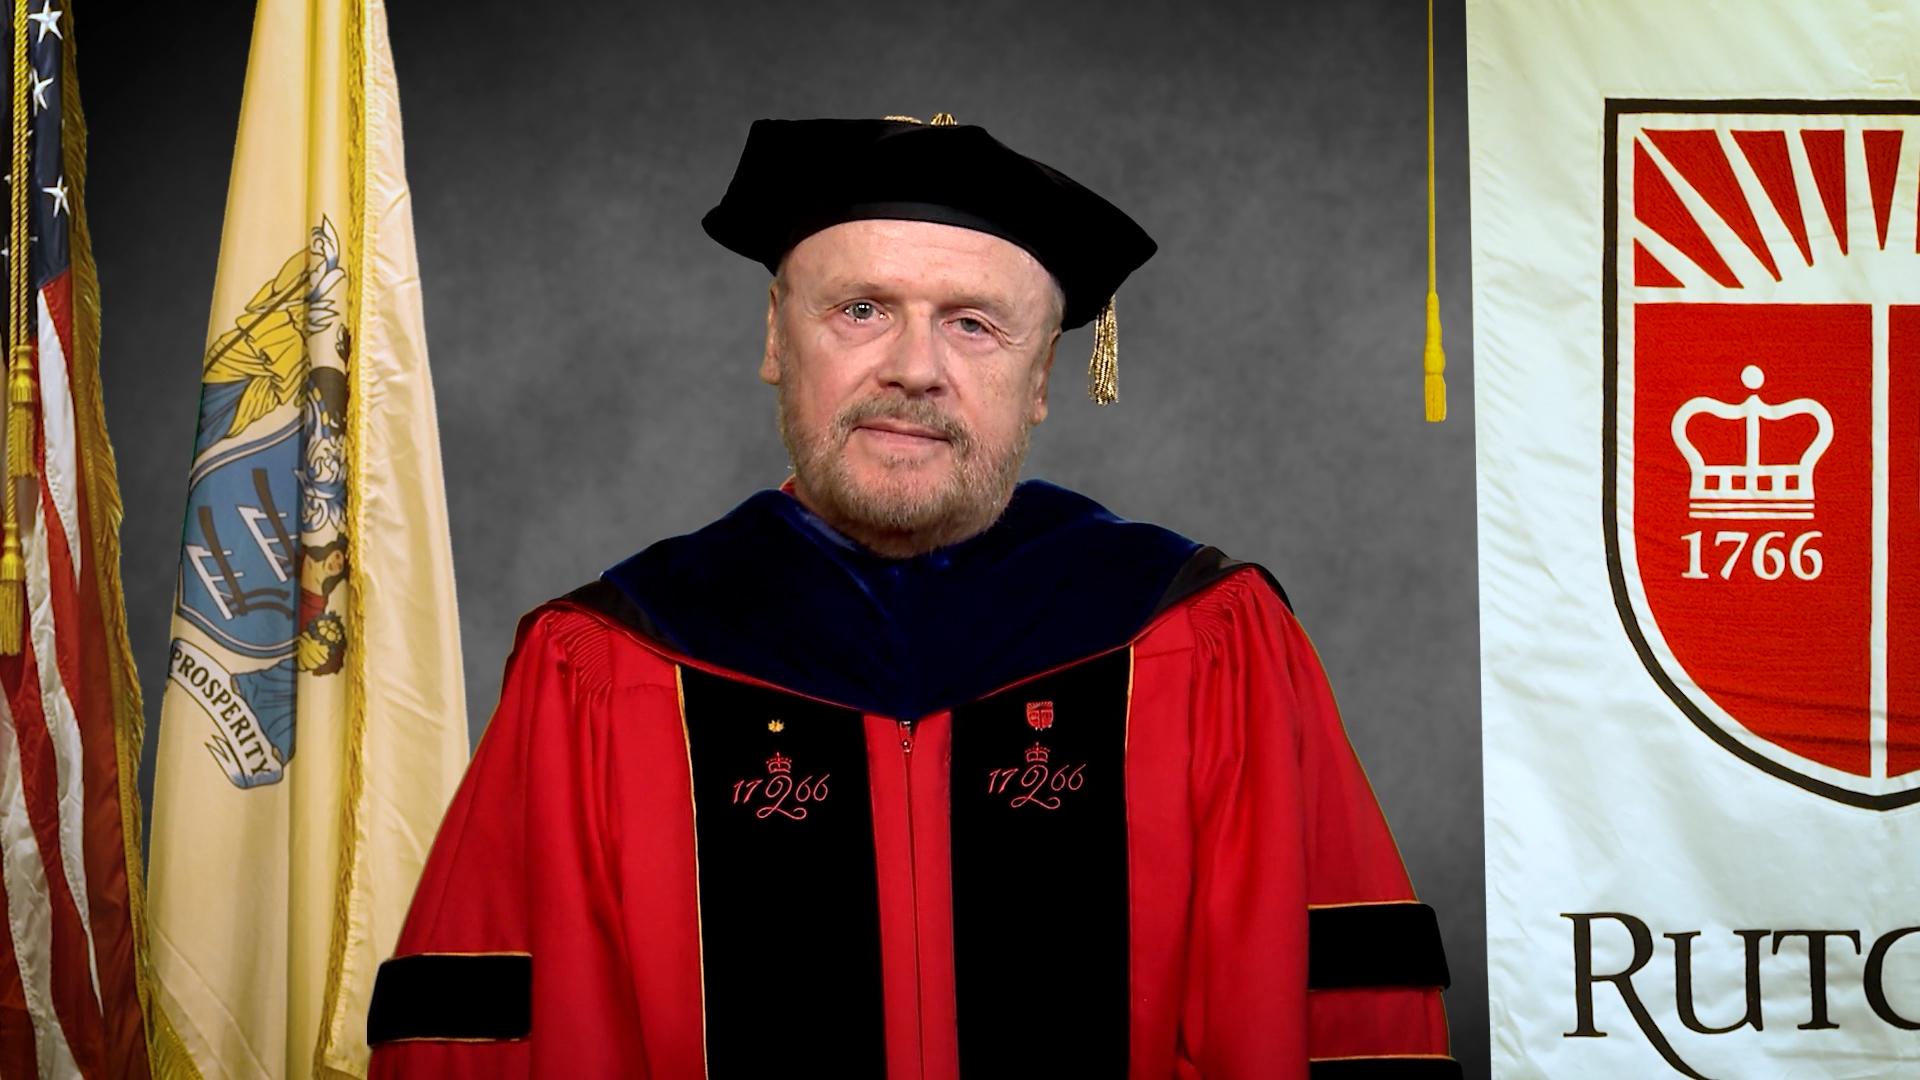 Chancellor Molloy